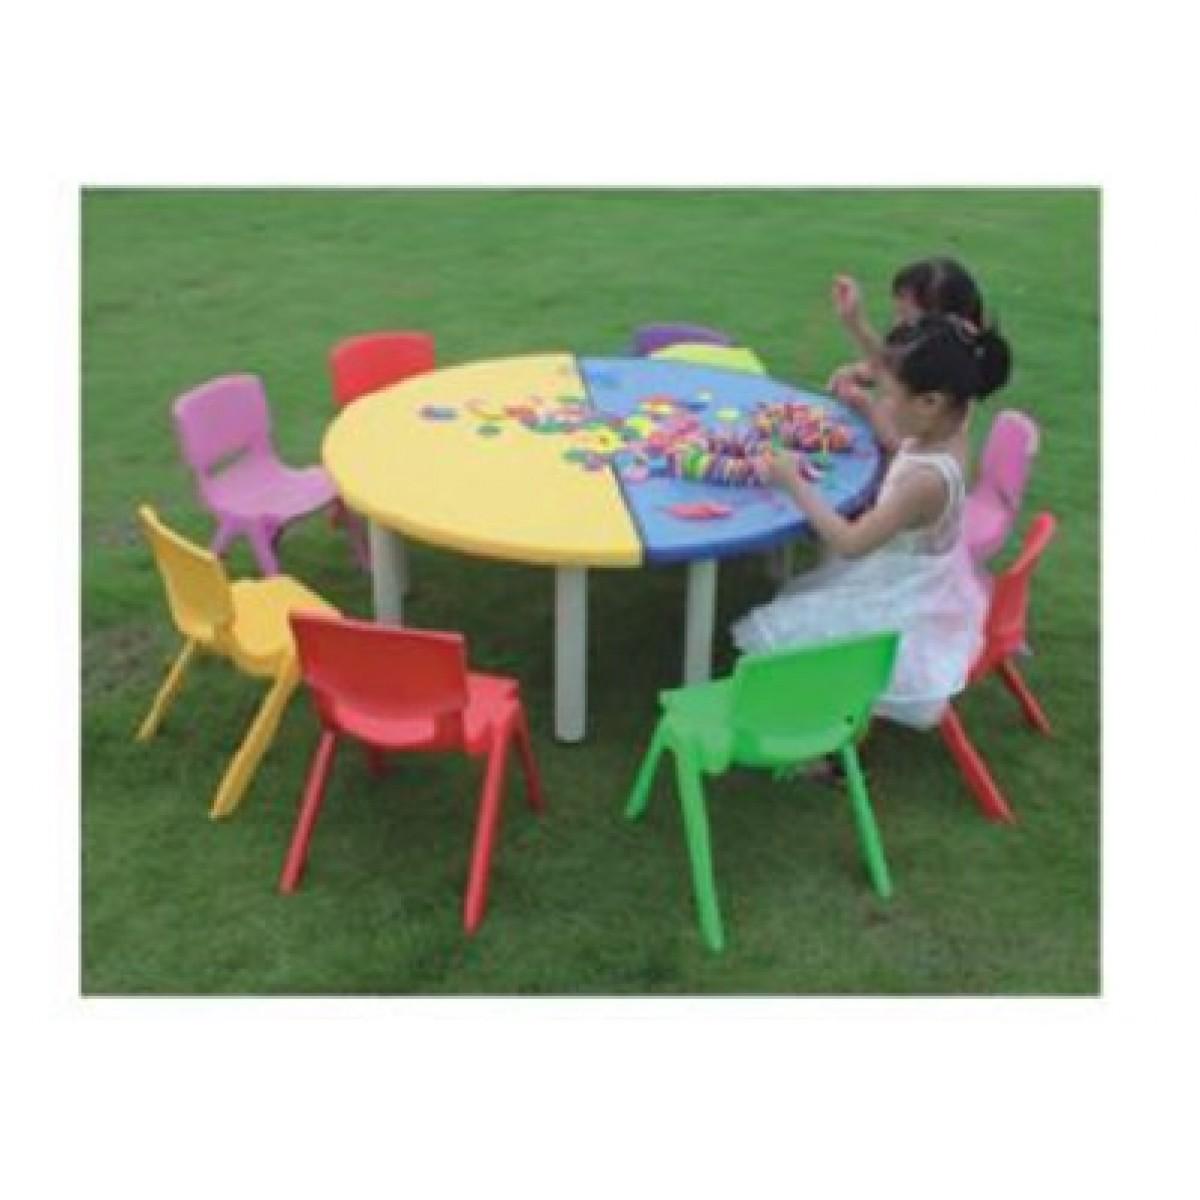 طاولات بلاستيك نصف دائرة ، الصورة لعدد 2 طاولة